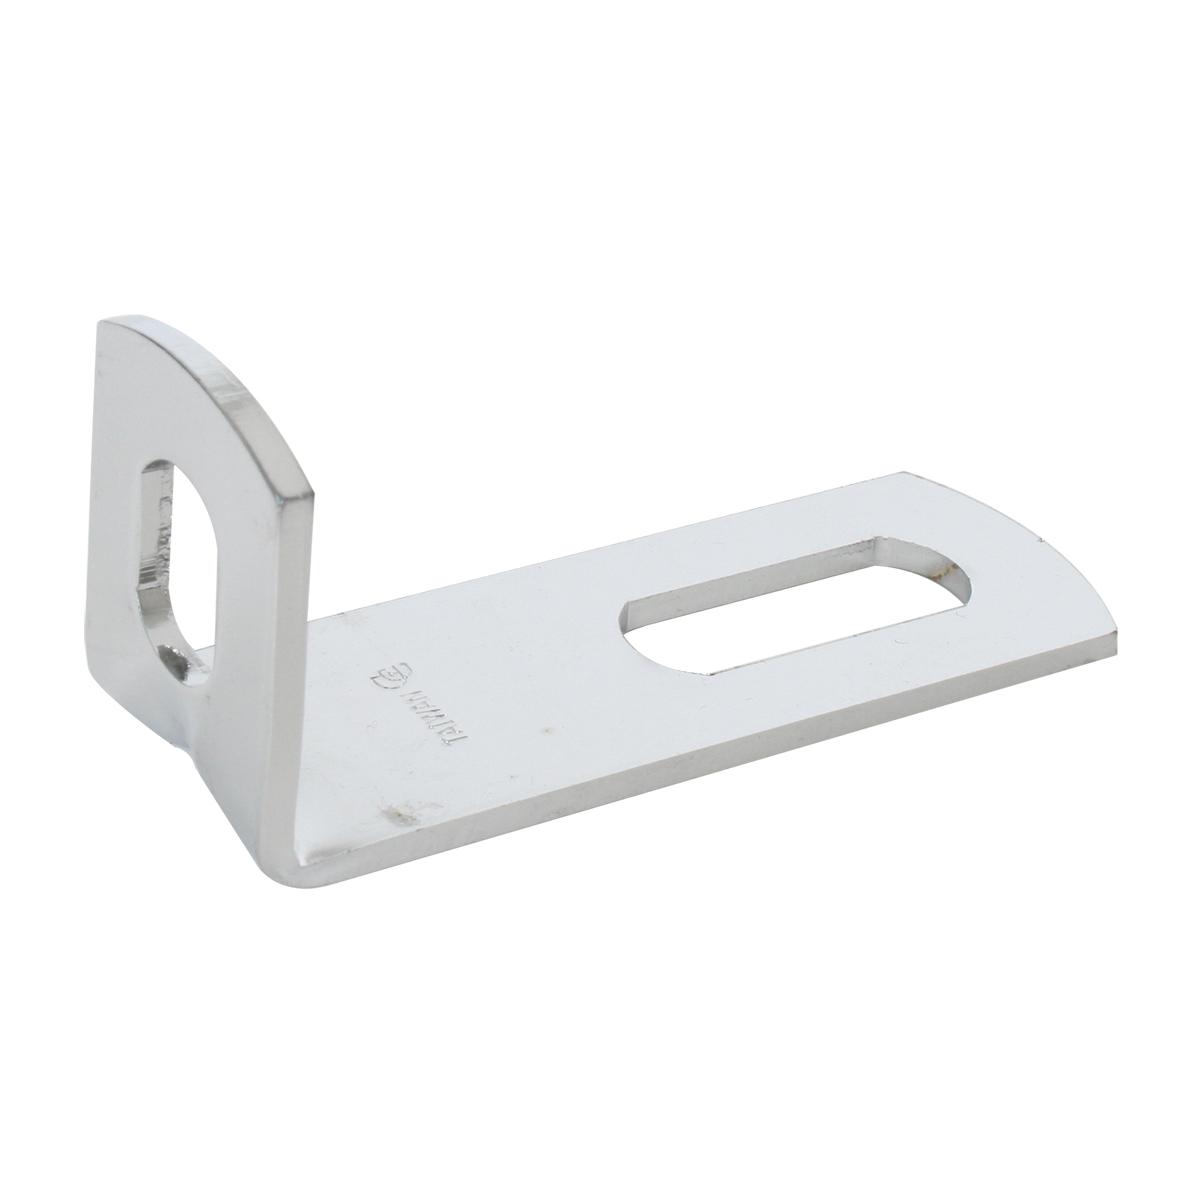 L-Bracket (3-5/16″ x 1.5″ x 1.25″) for Mirror